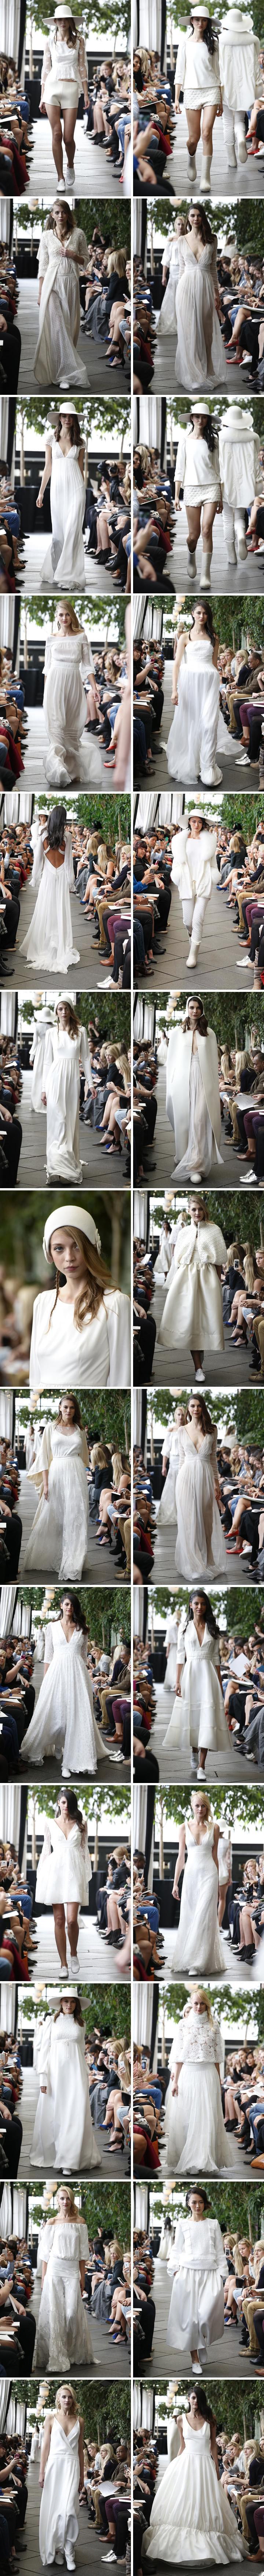 Delphine Manivet suknie ślubne 2015 kolekcja jesień